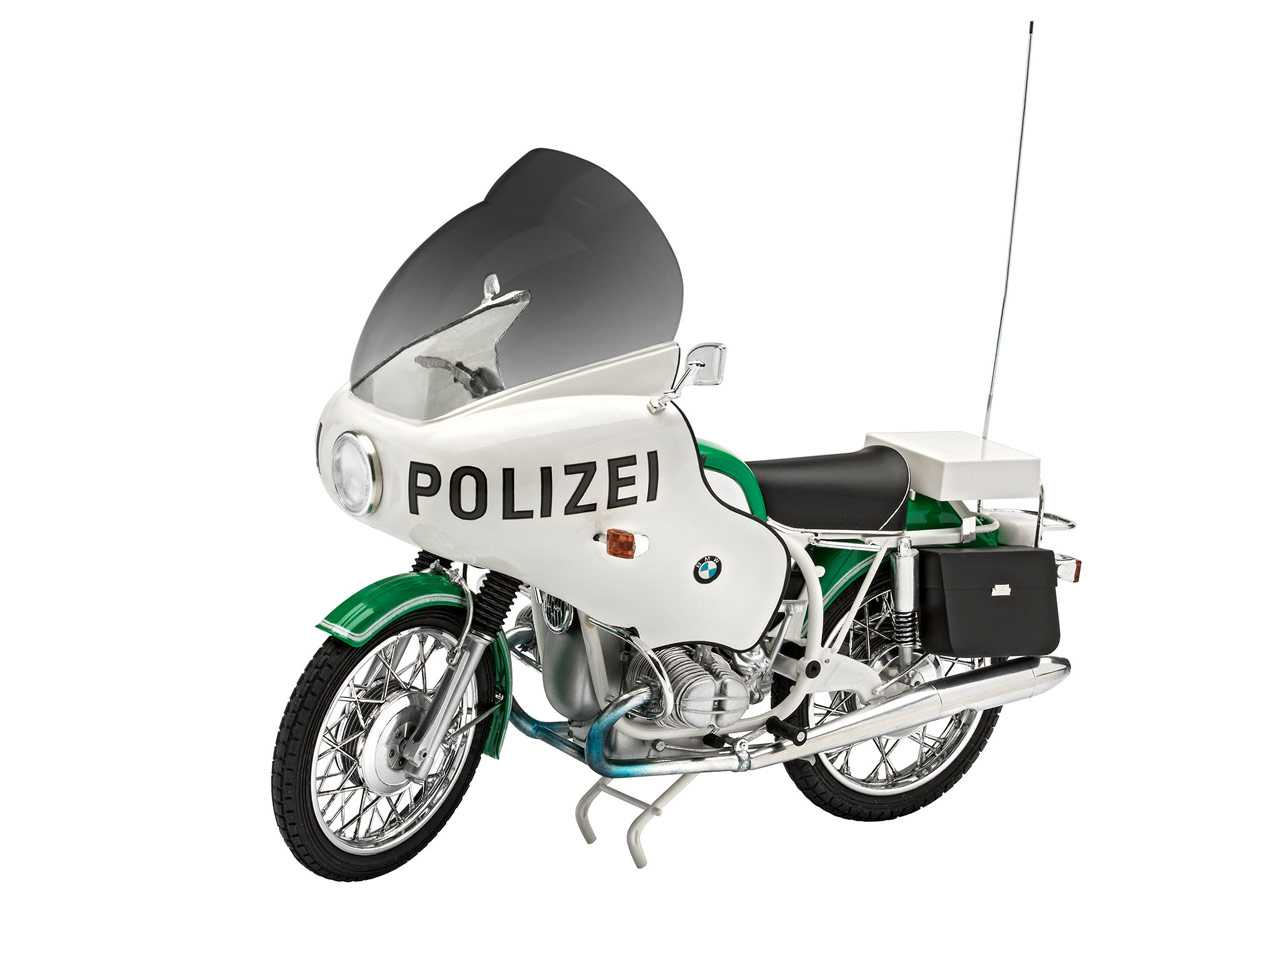 1:8 BMW R75/5, Police